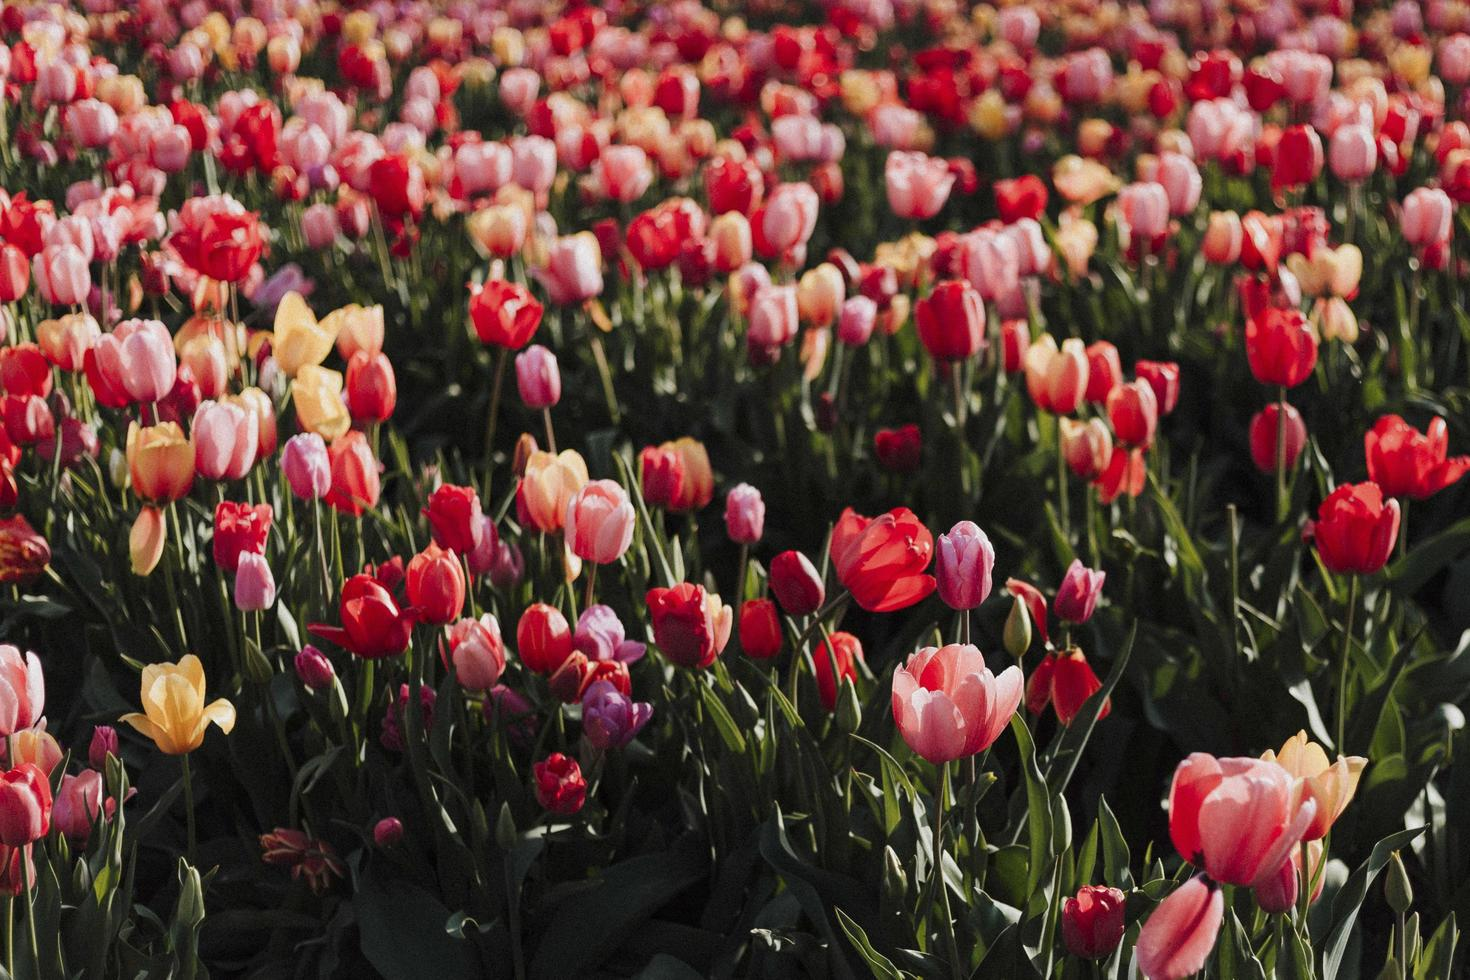 campo di tulipani rossi al sole foto